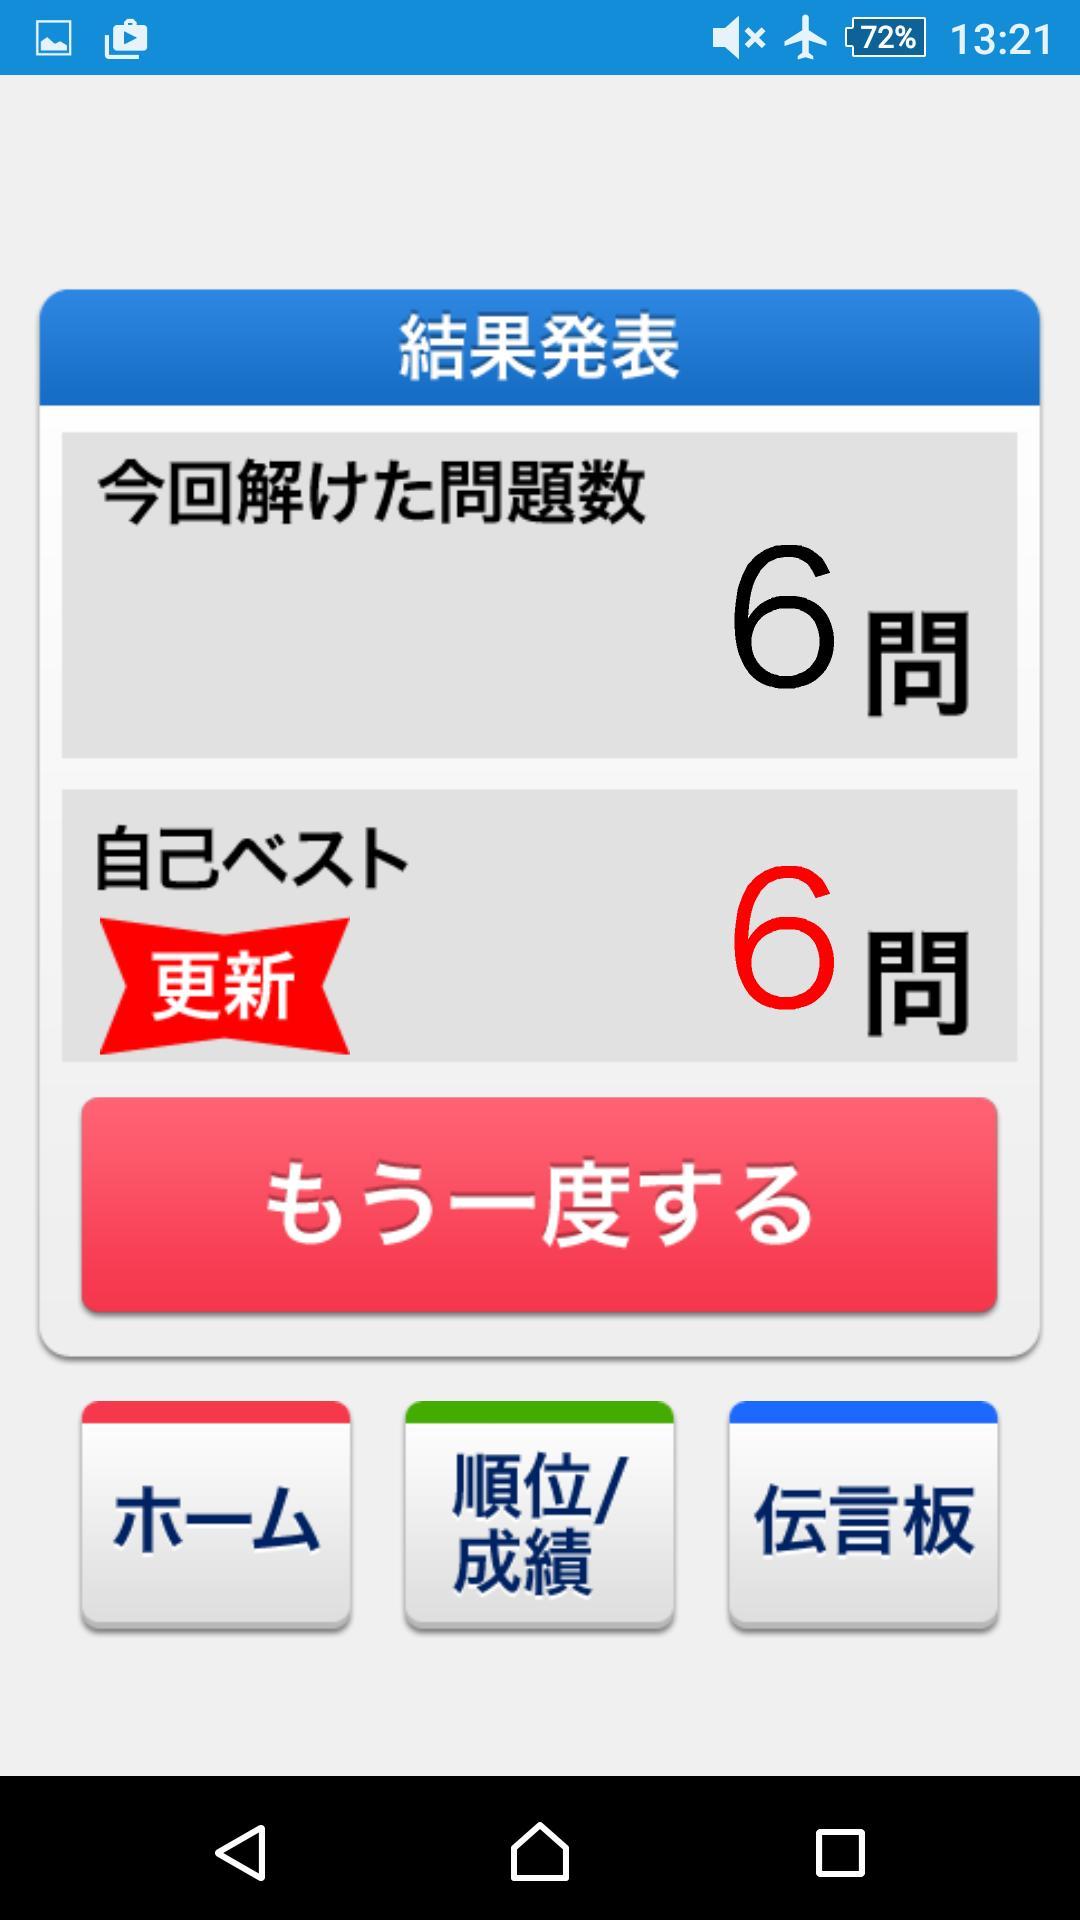 タイピング練習 ~日本の名所~(らくらく脳トレ!シリーズ) 1.0.4 Screenshot 4